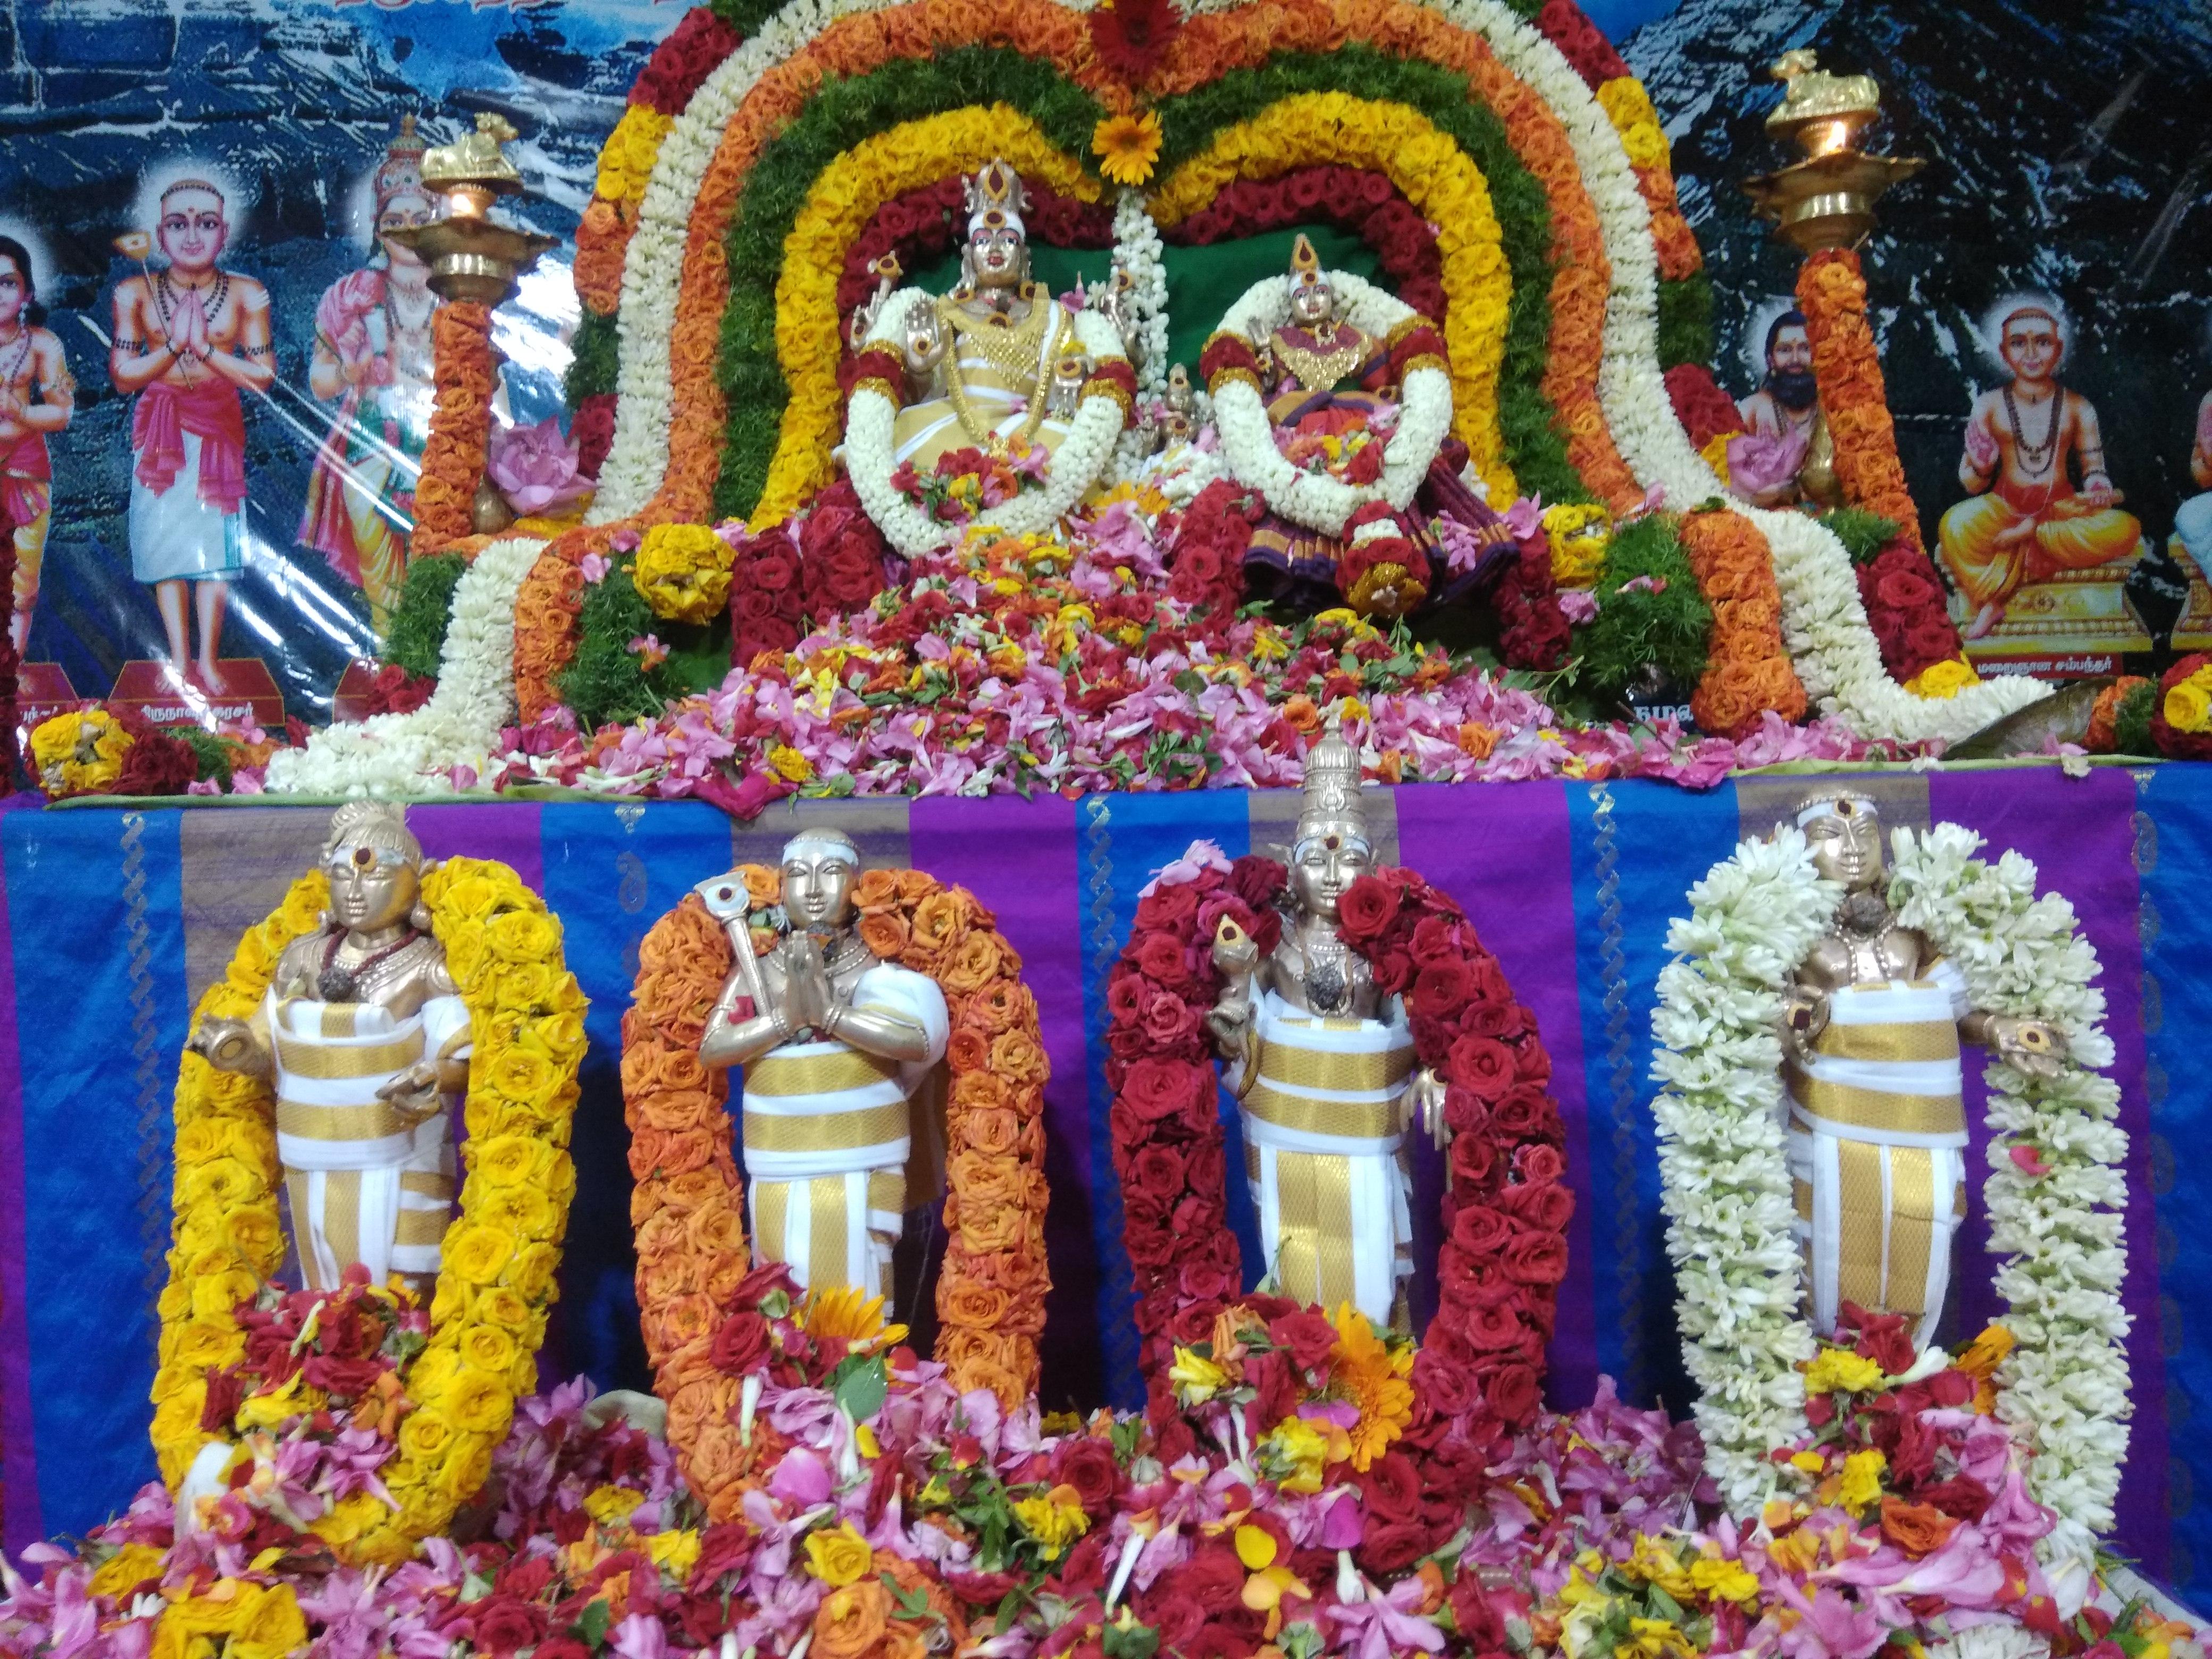 http://www.saivasamayam.in/wp-content/uploads/2019/06/IMG_20190623_140710.jpg